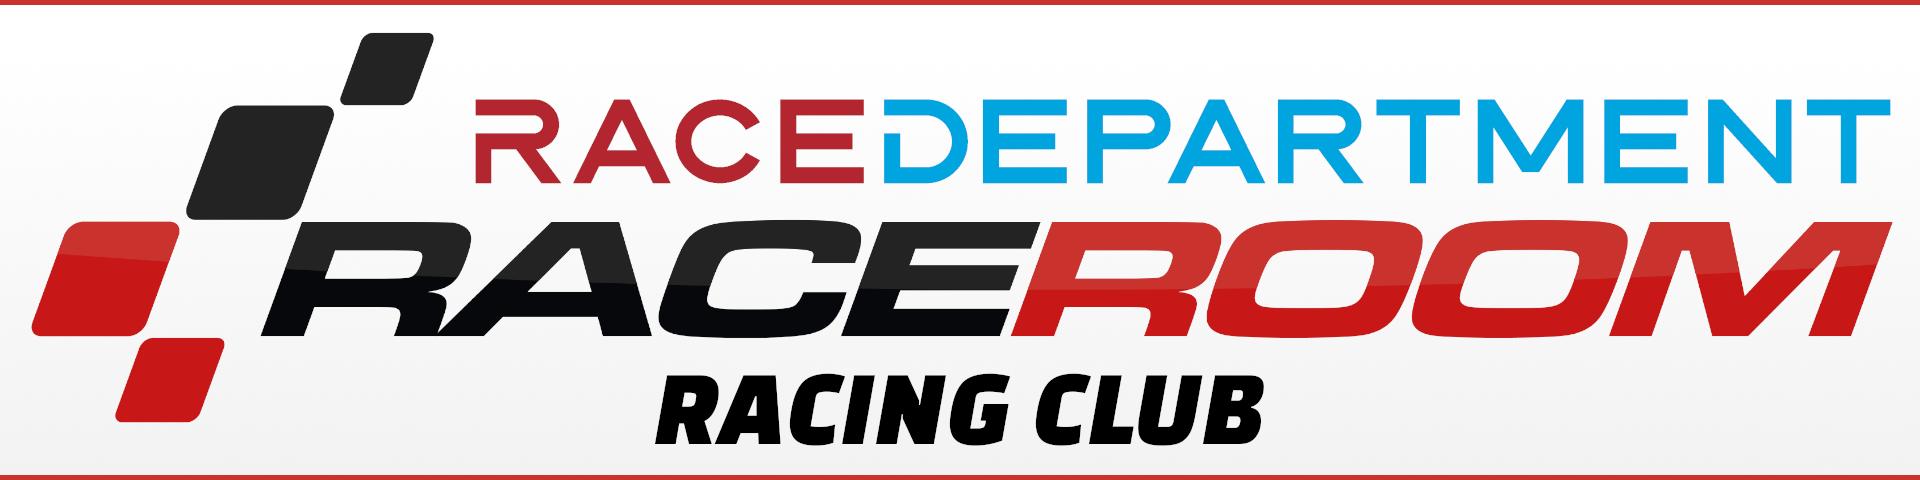 R3E Racing Club.png